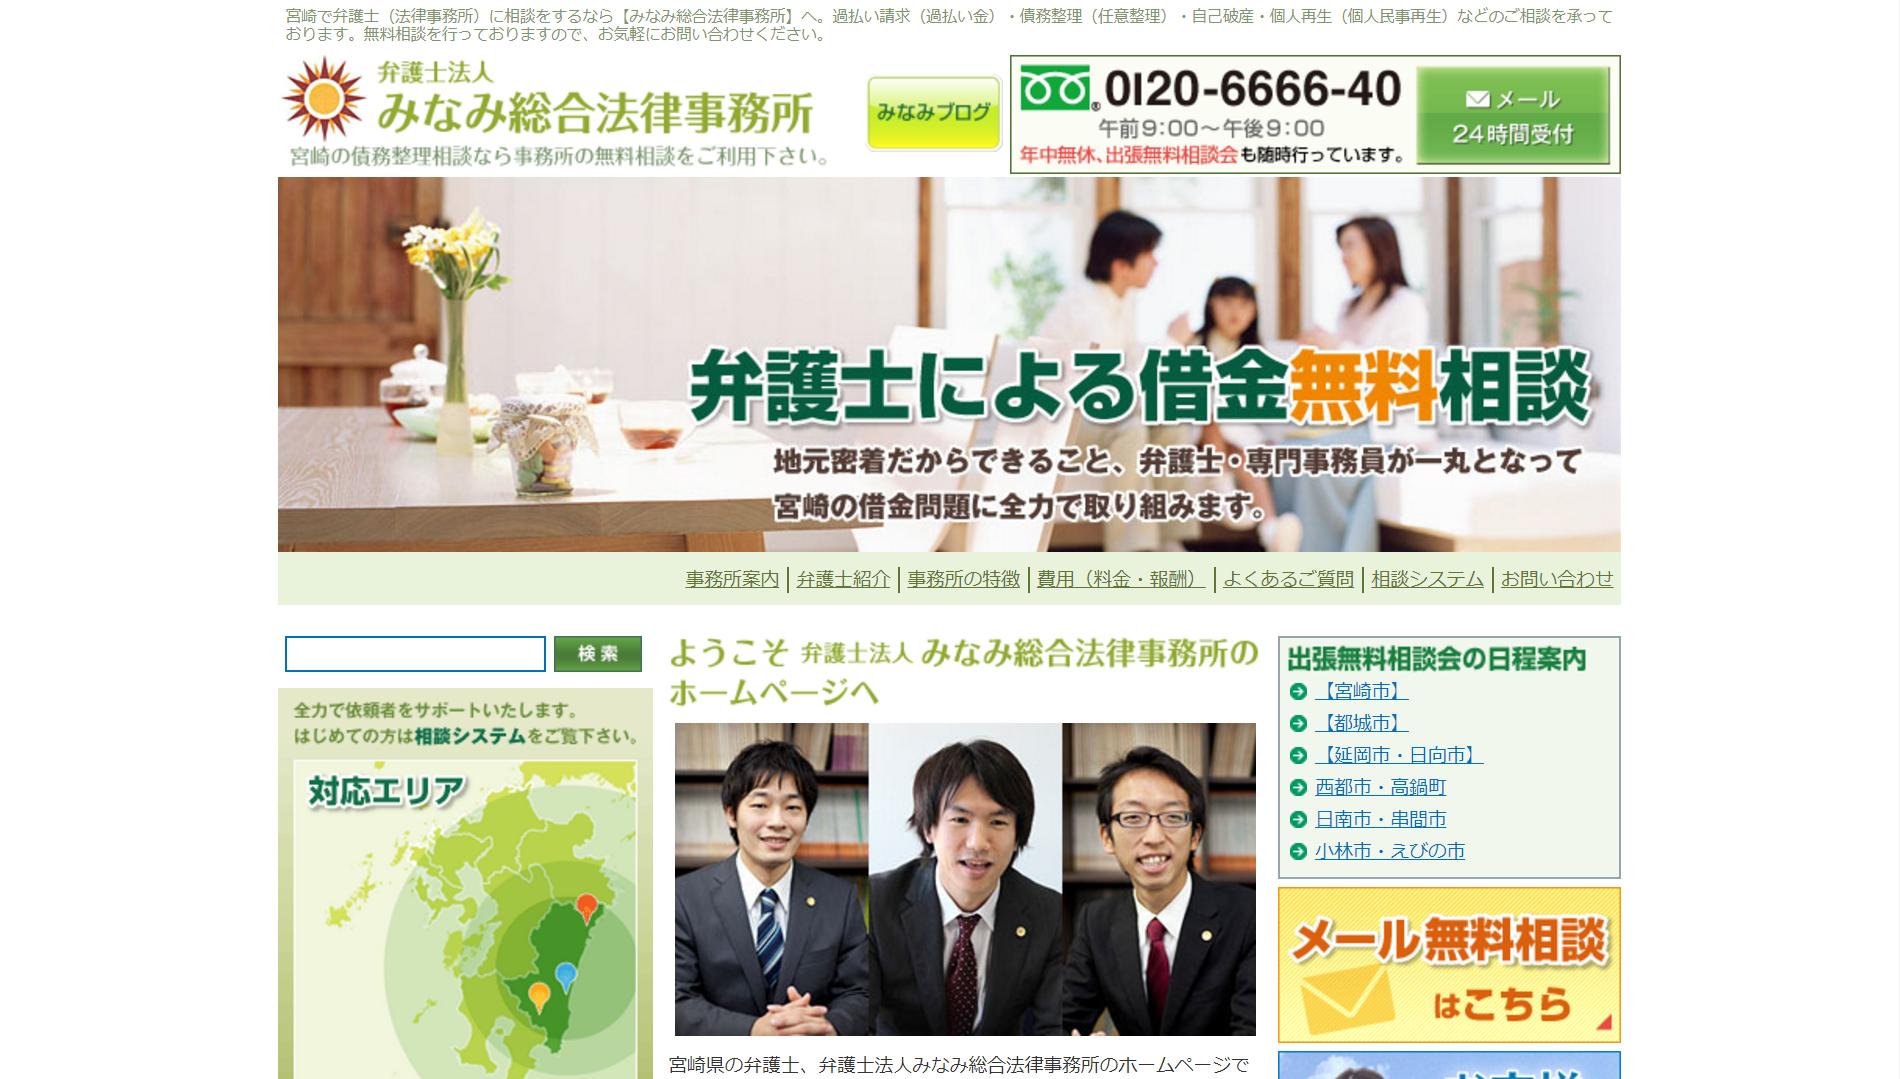 弁護士法人みなみ総合法律事務所延岡事務所()